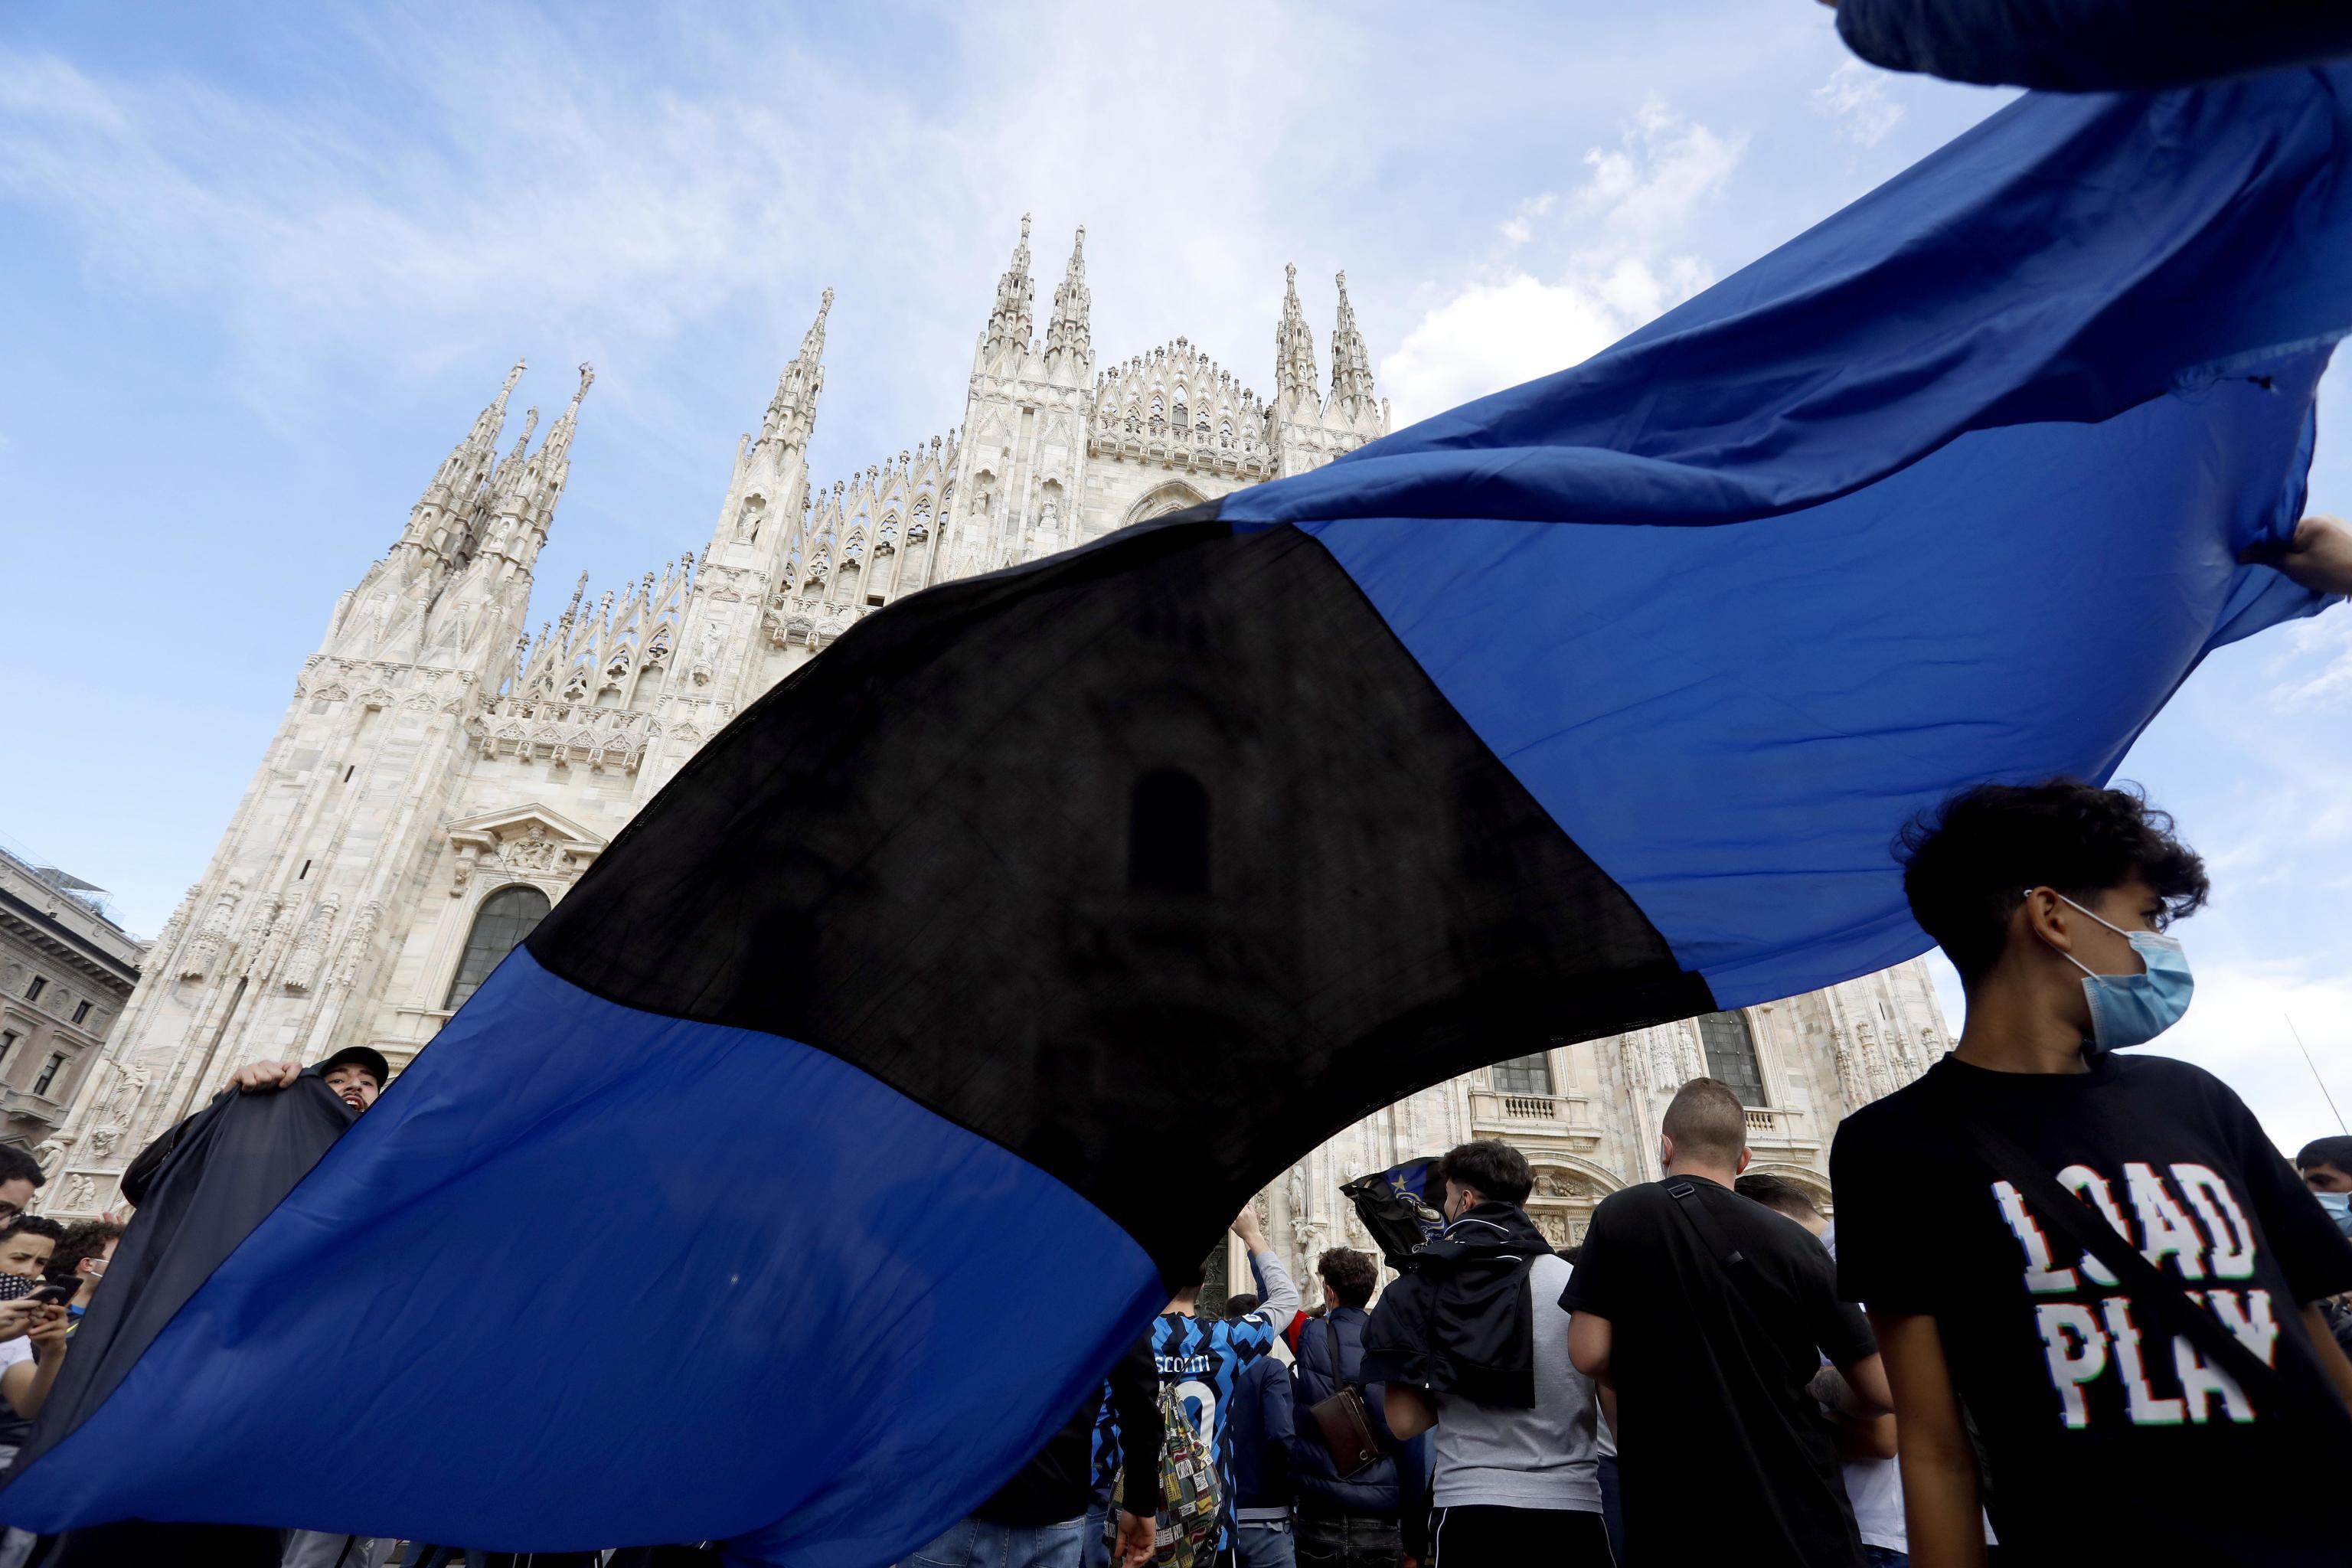 Pochi minuti dopo la fine di Sassuolo-Atalanta, che ha sancito la vittoria del 19&deg; Scudetto, migliaia di tifosi dell&#39;Inter hanno invaso Piazza Duomo a Milano per festeggiare. Tra&nbsp;i sostenitori nerazzurri &egrave;&nbsp;esplosa la gioia dopo oltre dieci anni di astinenza da vittorie. I soliti cori contro Juve&nbsp;e Milan, abbracci, salti e canti per festeggiare lo Scudetto. Mascherine abbassate e nessun distanziamento sociale, cos&igrave;&nbsp;i tifosi dell&#39;Inter non hanno resistito alla voglia di celebrare i propri beniamini.&nbsp;Mentre Piazza Duomo continuava a riempirsi sempre di pi&ugrave;&nbsp;di tifosi nerazzurri bardati di sciarpe e bandiere, la festa si &egrave; estesa&nbsp;anche per le altre strade di Milano con caroselli di auto e moto che proseguono e proseguiranno per tutta la notte. Festa anche nella sede dell&#39;Inter, con il presidente Steven Zhang che si &egrave;&nbsp;brevemente affacciato dal tetto del palazzo di Porta Nuova.<br /> &nbsp;<br /><br />